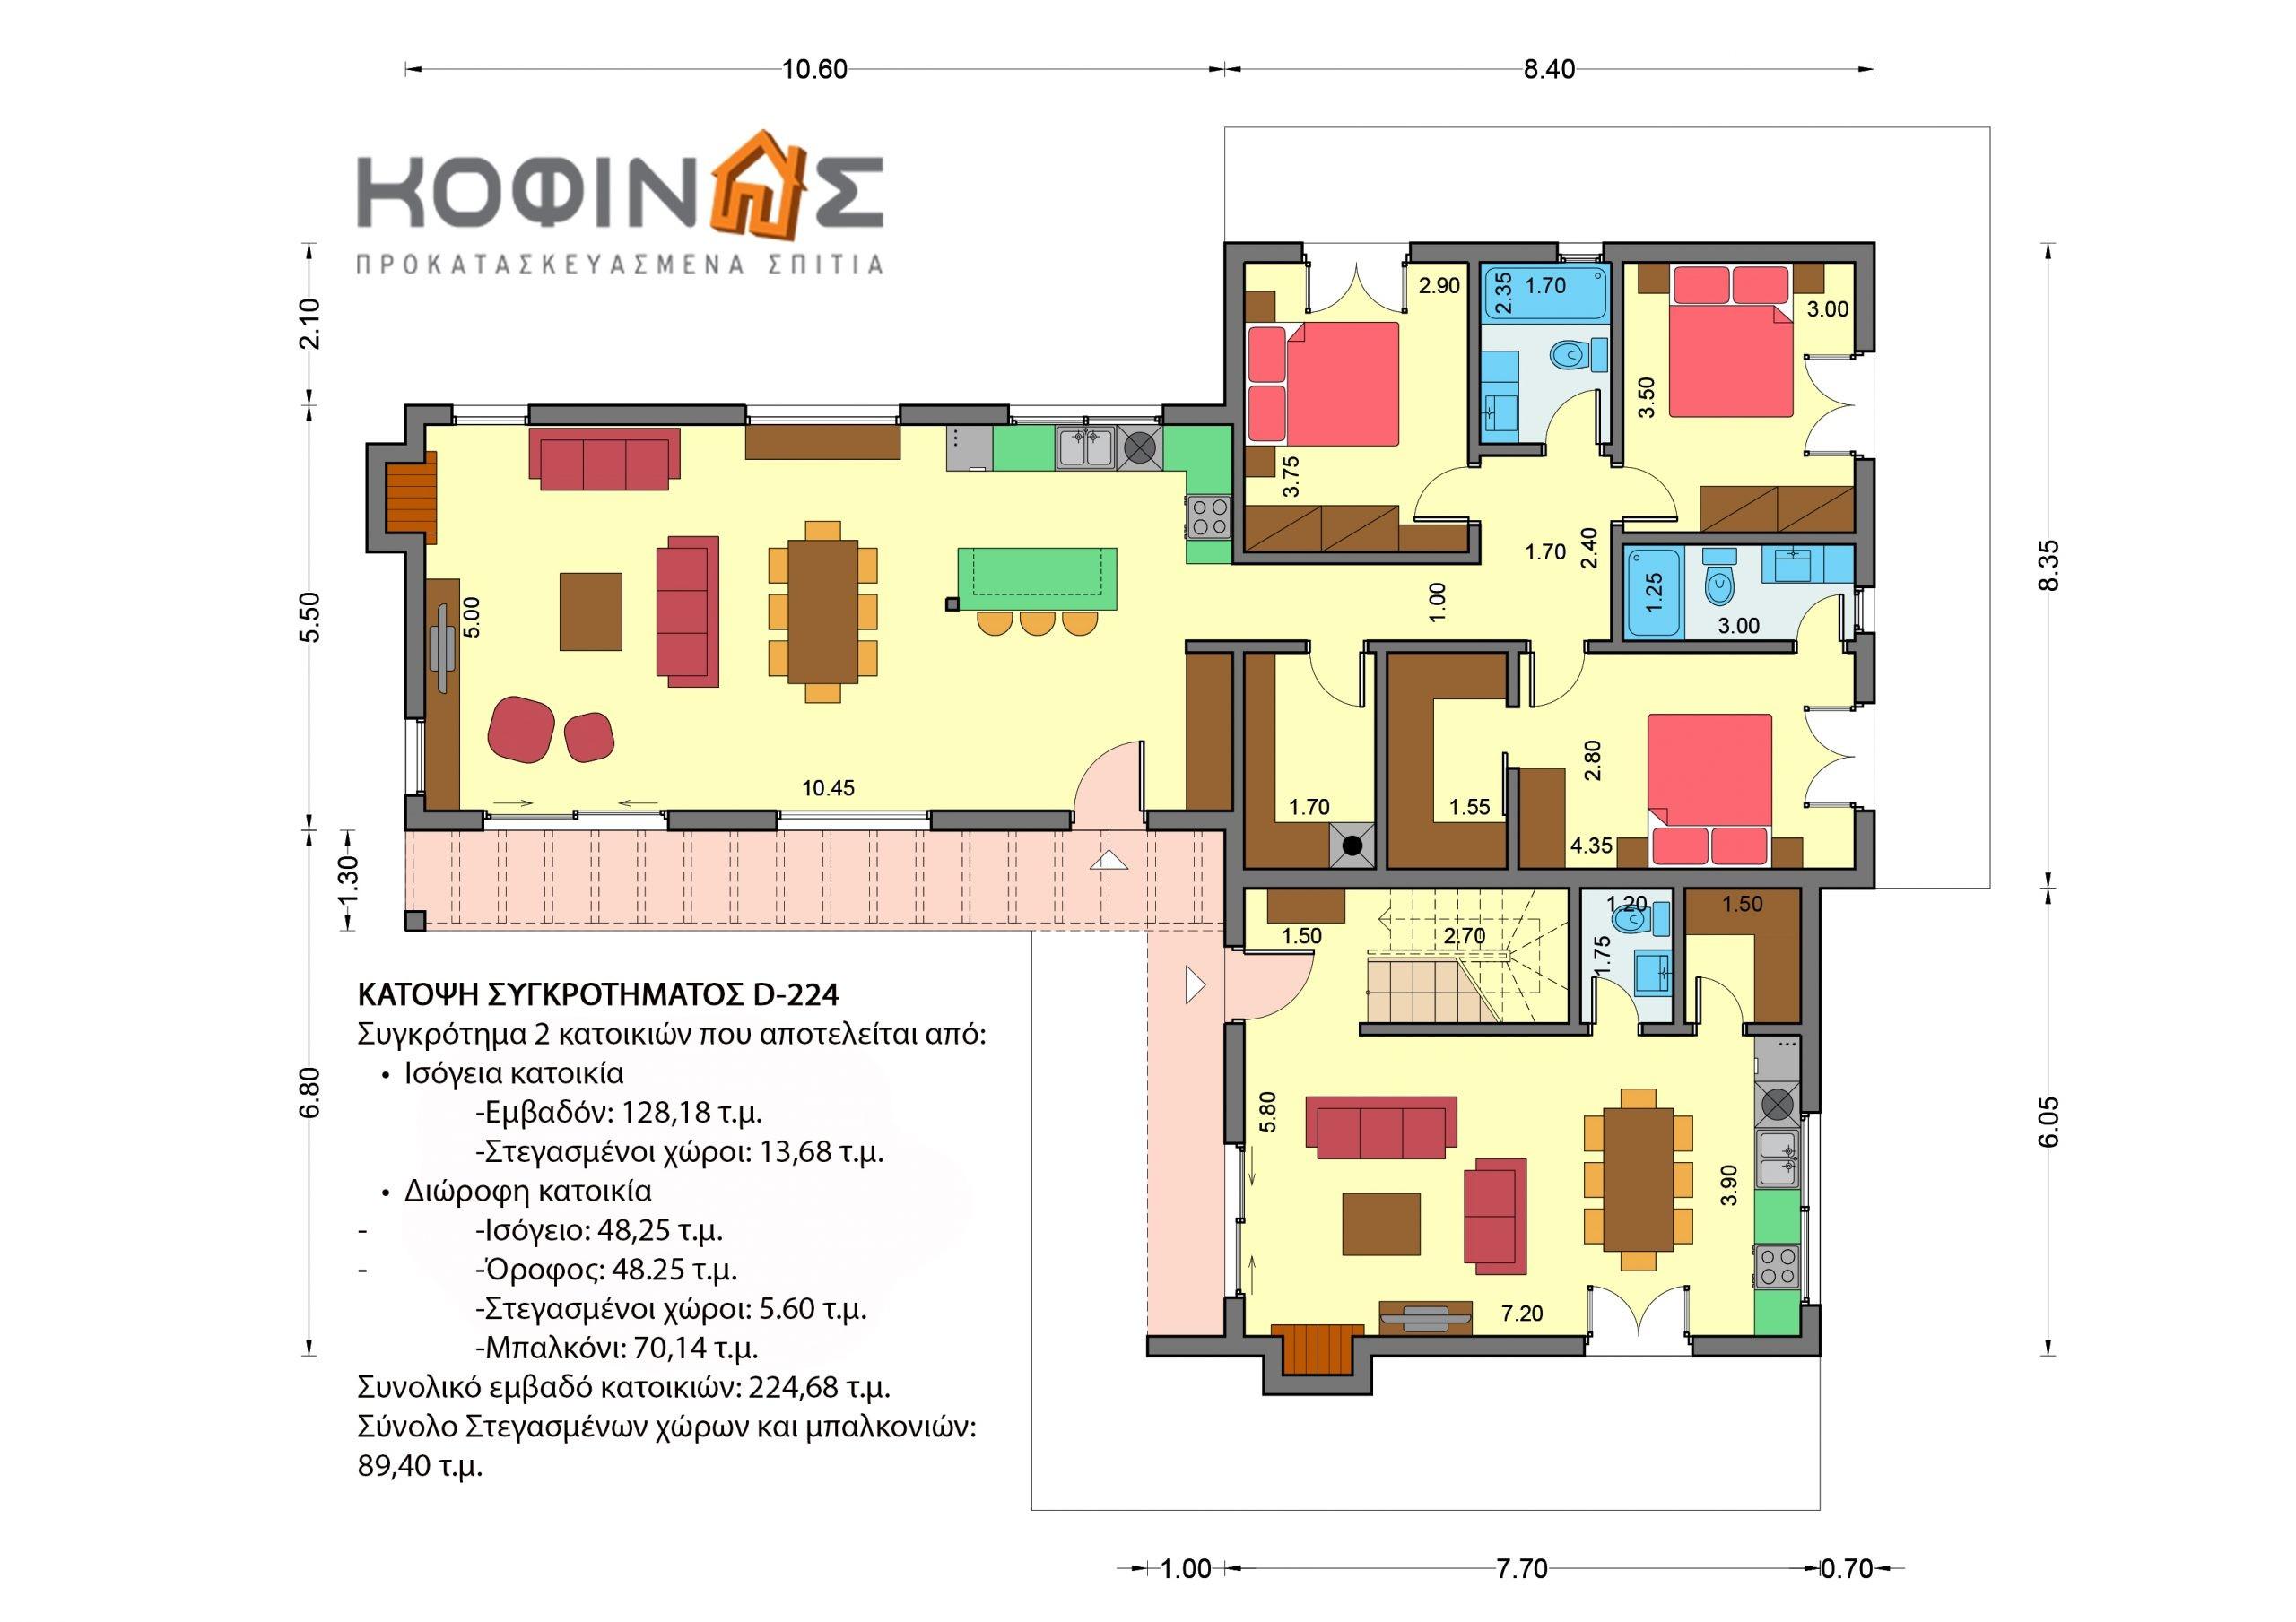 Συγκρότημα 2 κατοικιών D-224, συνολικής επιφάνειας 224,68 τ.μ.